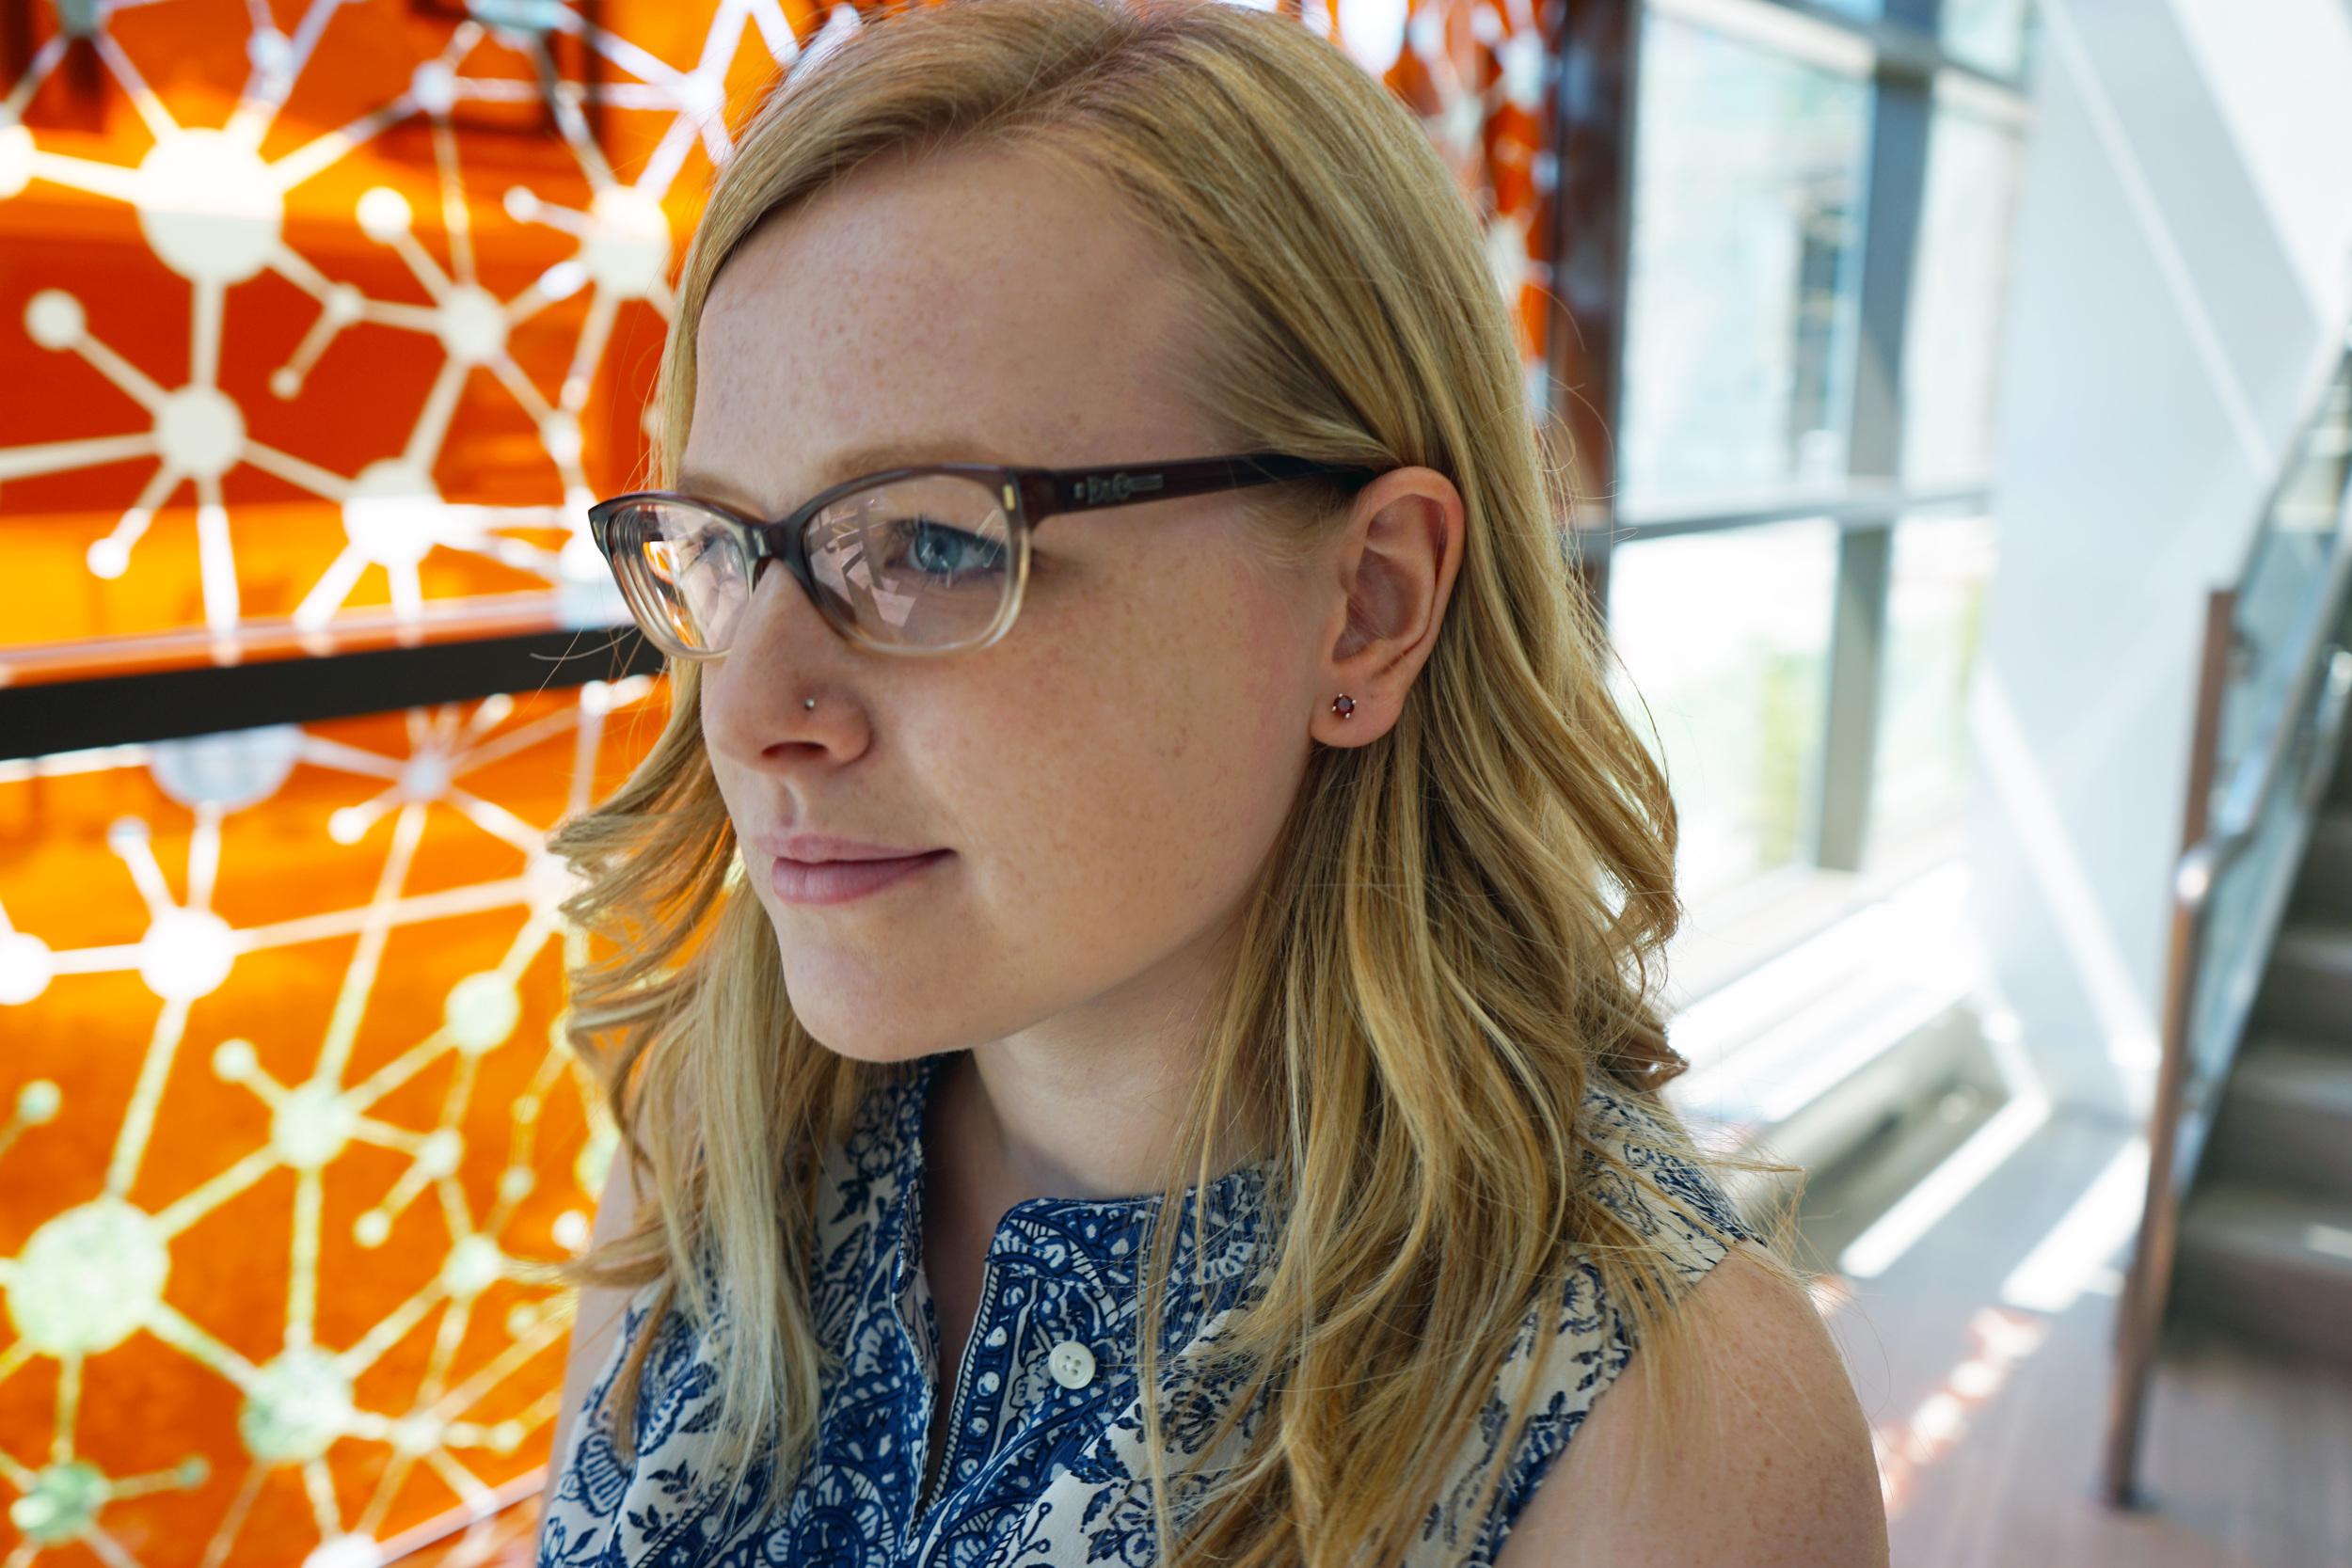 Maggie a la Mode - Diamond Jewelry with Anjolee Jewelry, Garnet stud earrings